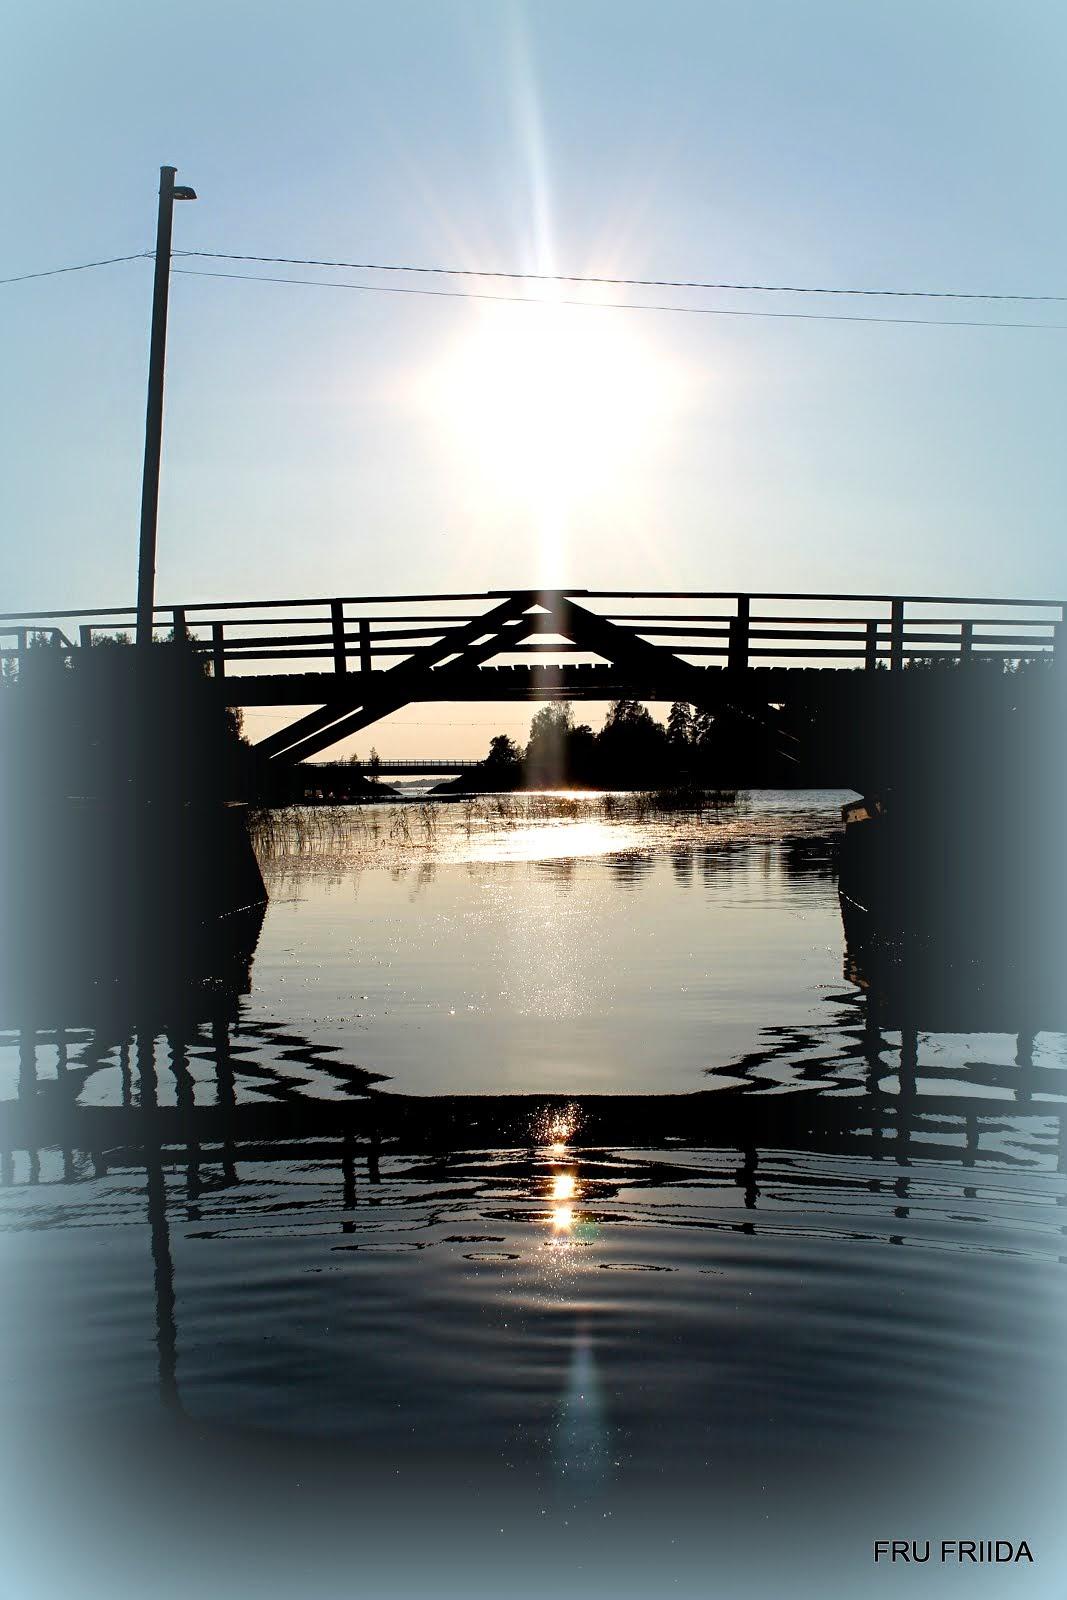 ilta-aurinko